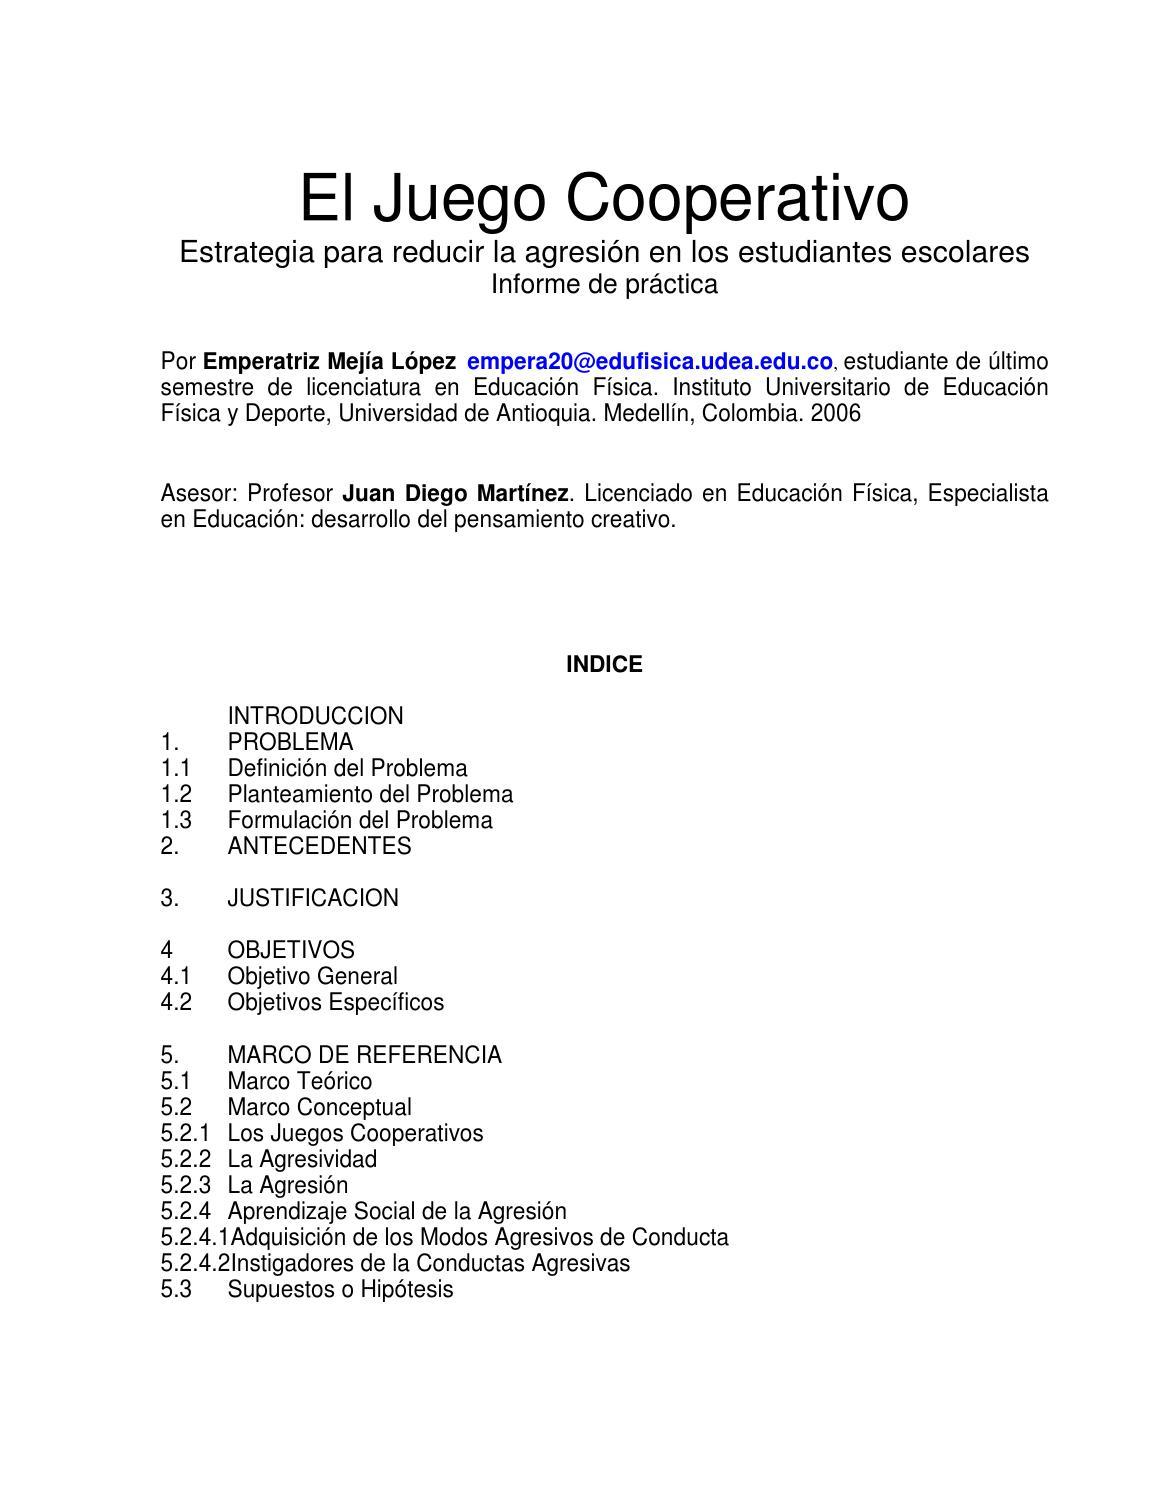 07 el juego cooperativo by SOL CARRILLO - issuu